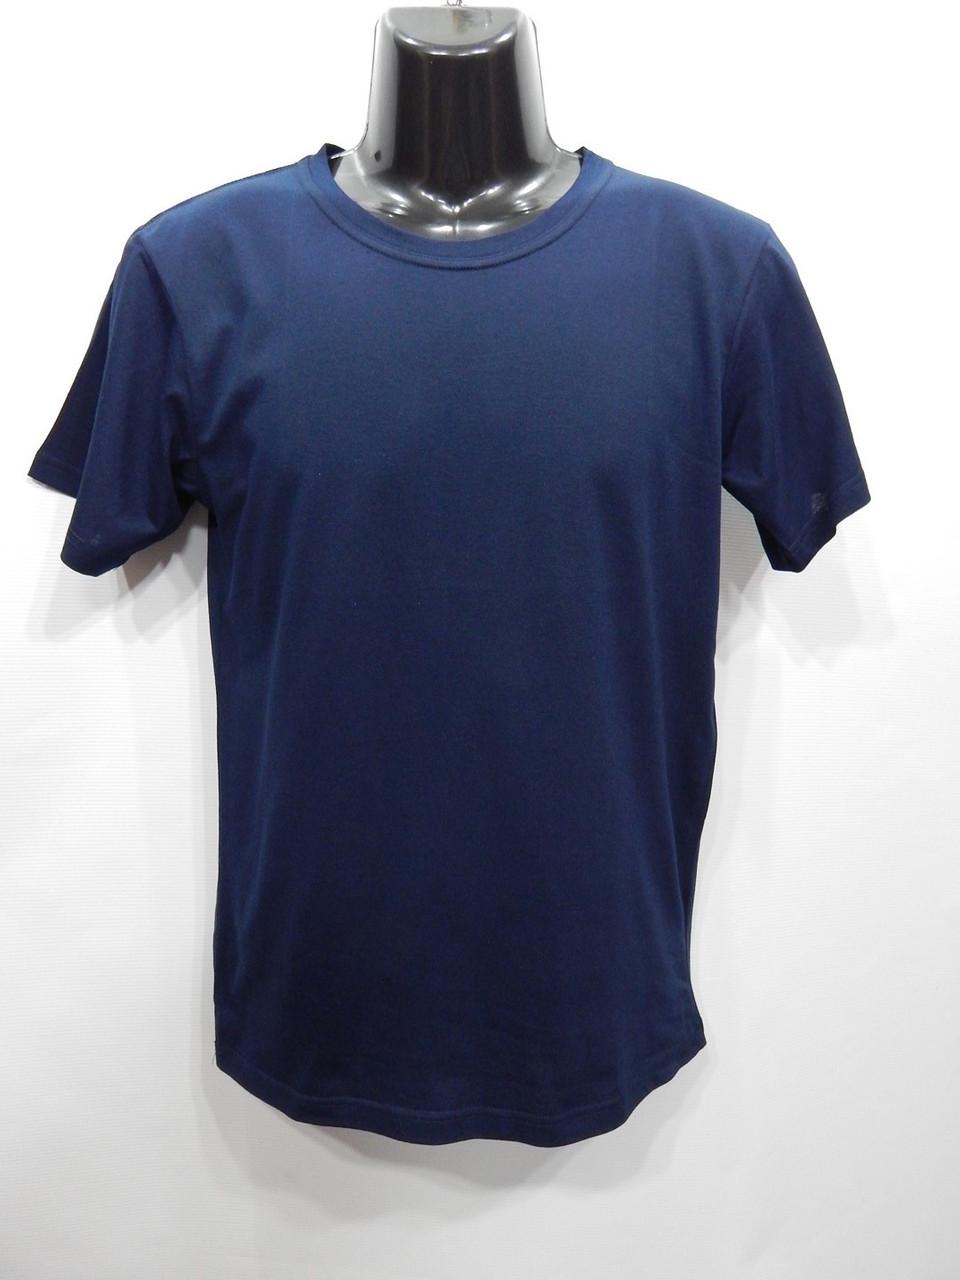 Чоловіча футболка Mercury-Textile темно-синя р. 48 068мф